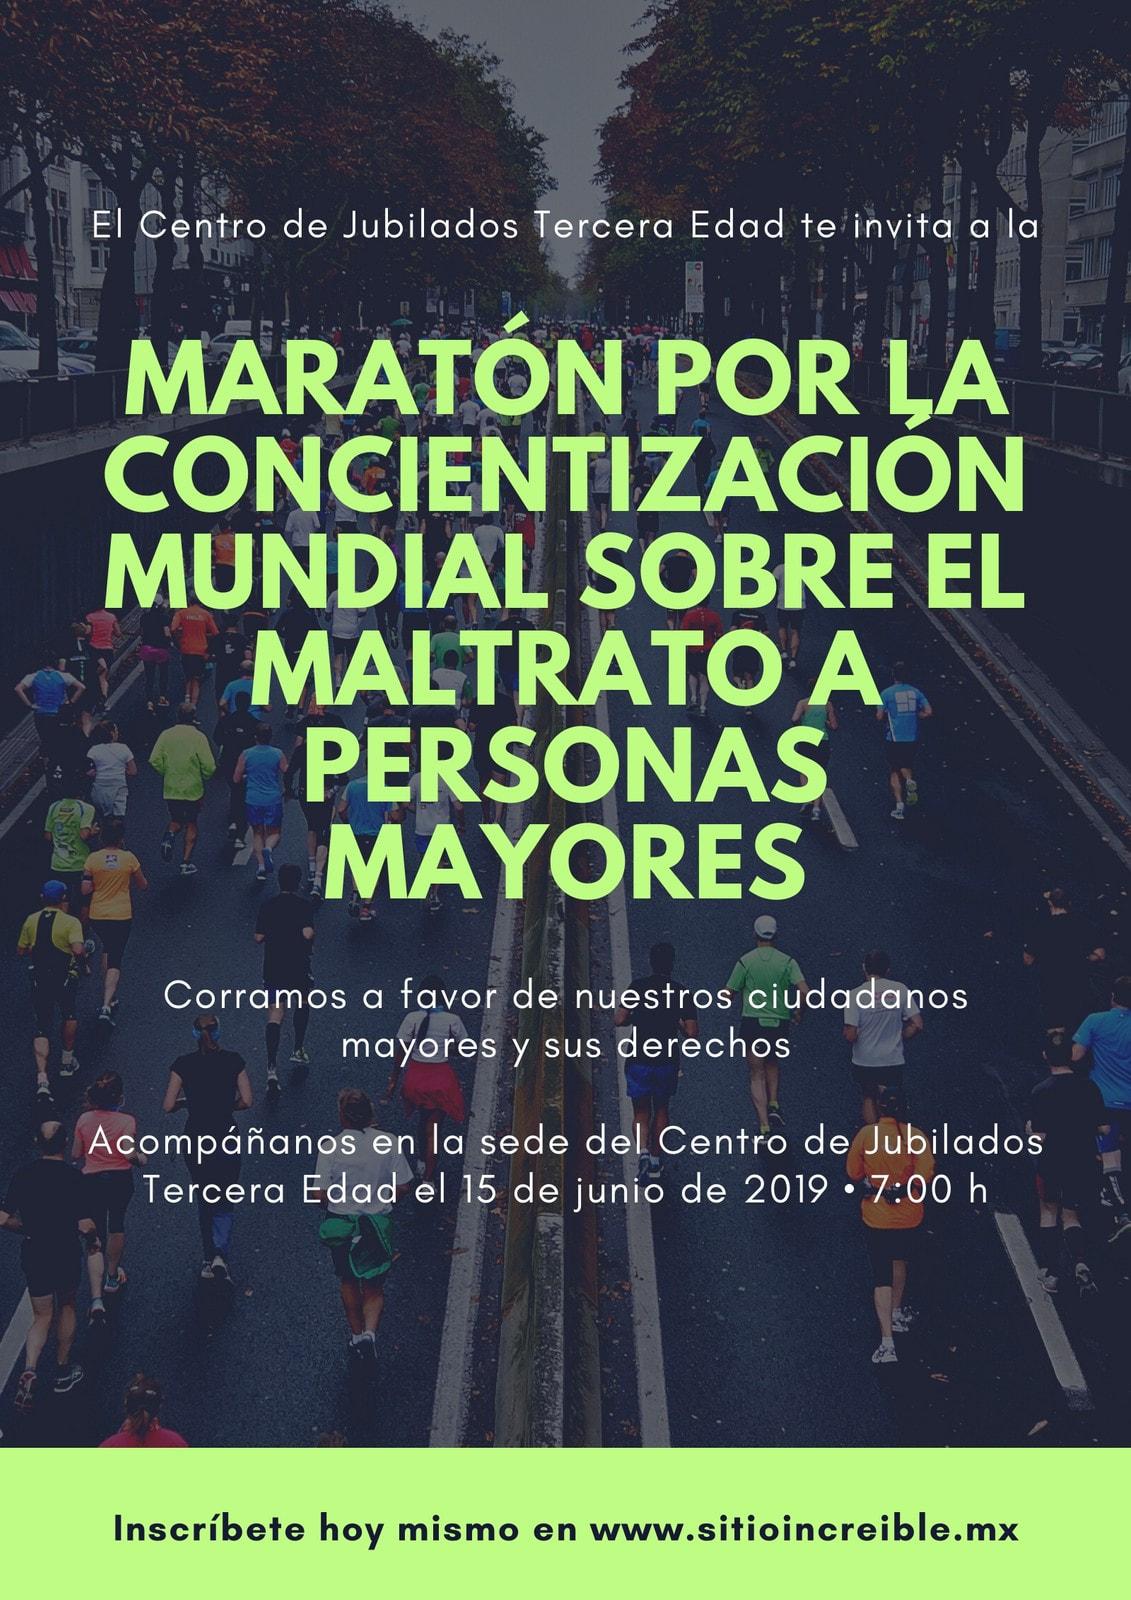 Verde Foto Día Mundial de Concientización sobre el Maltrato a Personas Mayores Póster